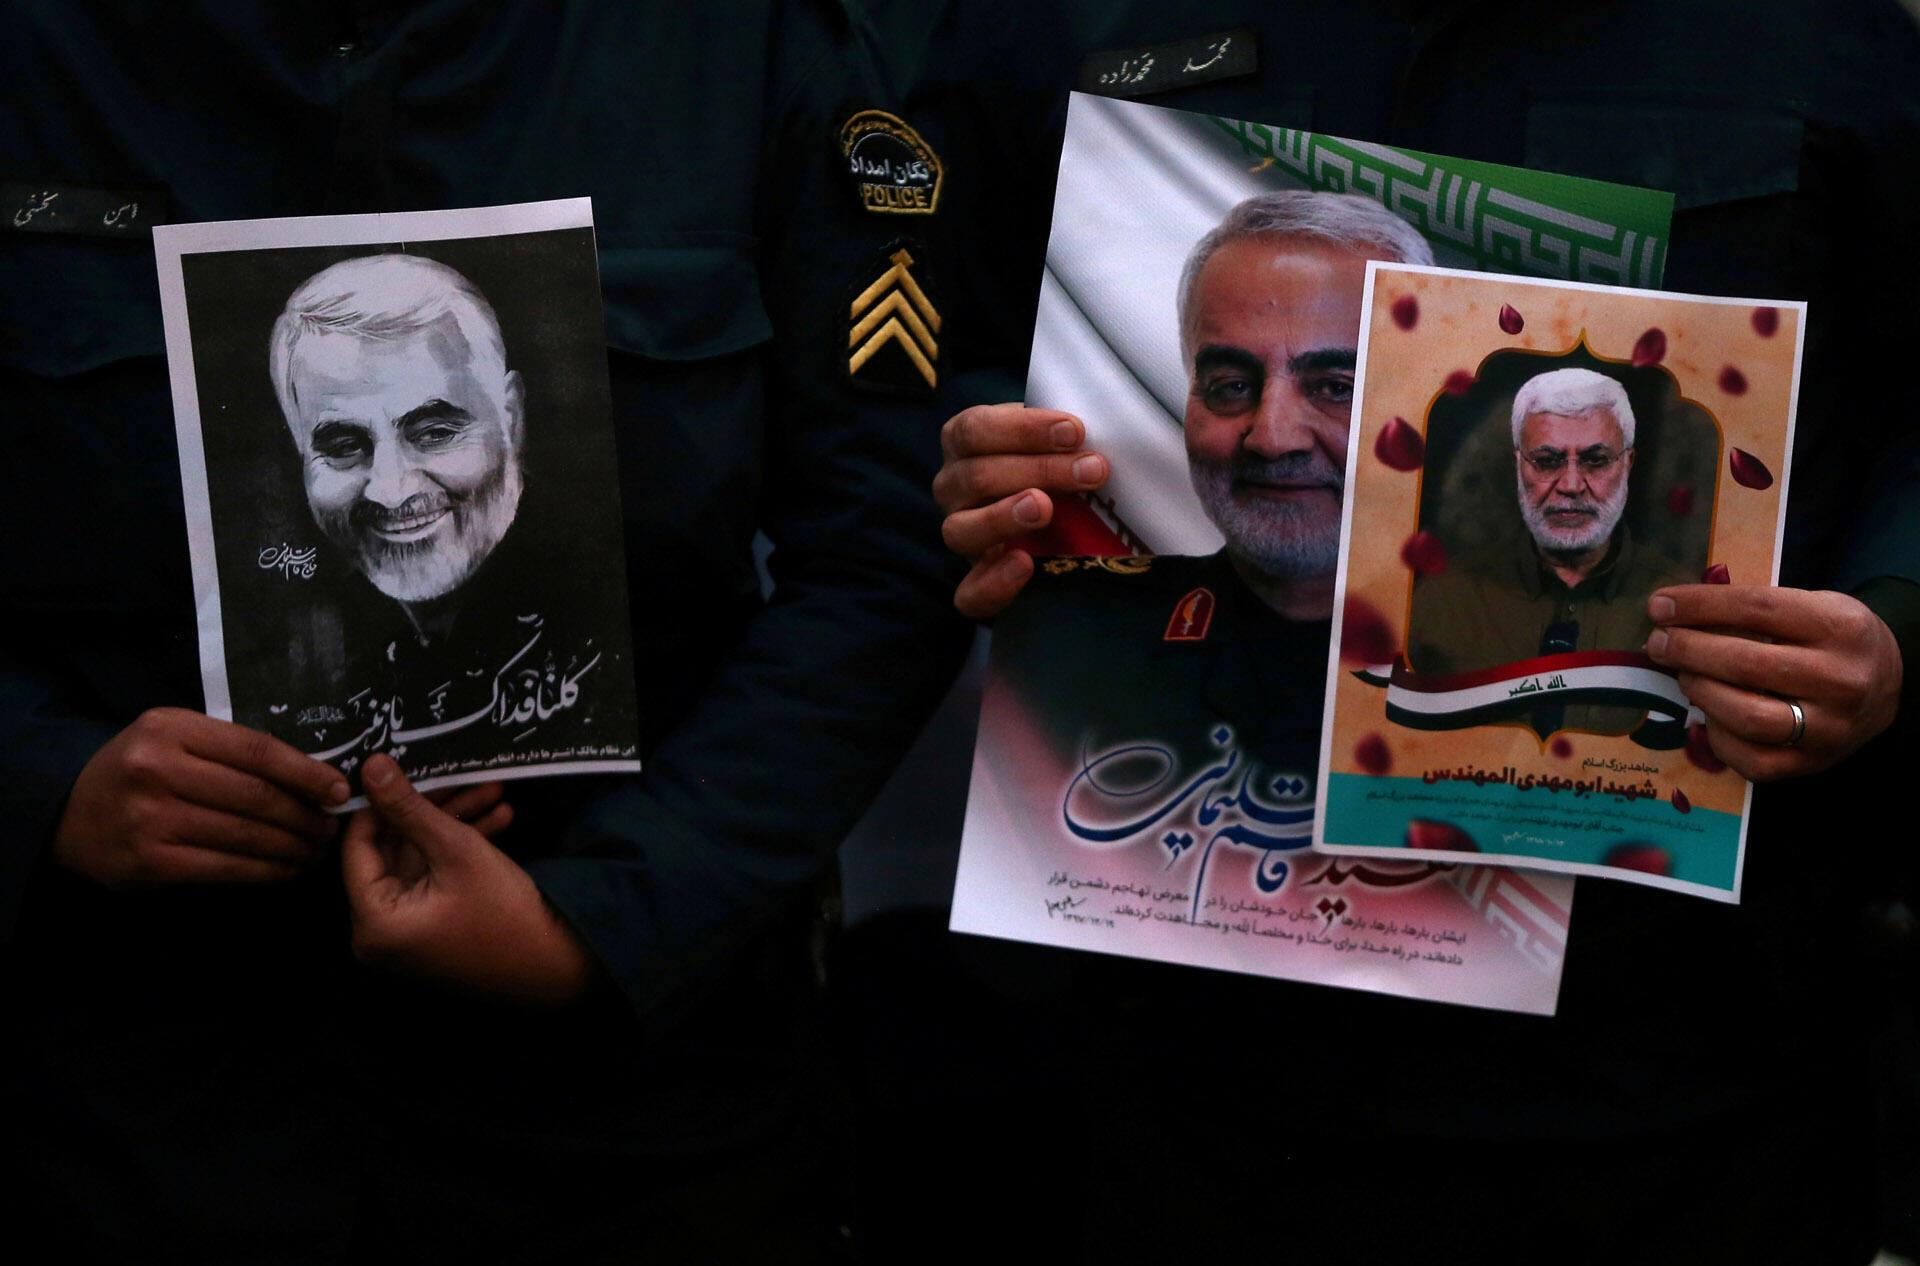 Biểu tình phản đối việc triệt hạ tướng Iran Soleimani, trước văn phòng Liên Hiệp Quốc ở Teheran, ngày 03/01/2020.